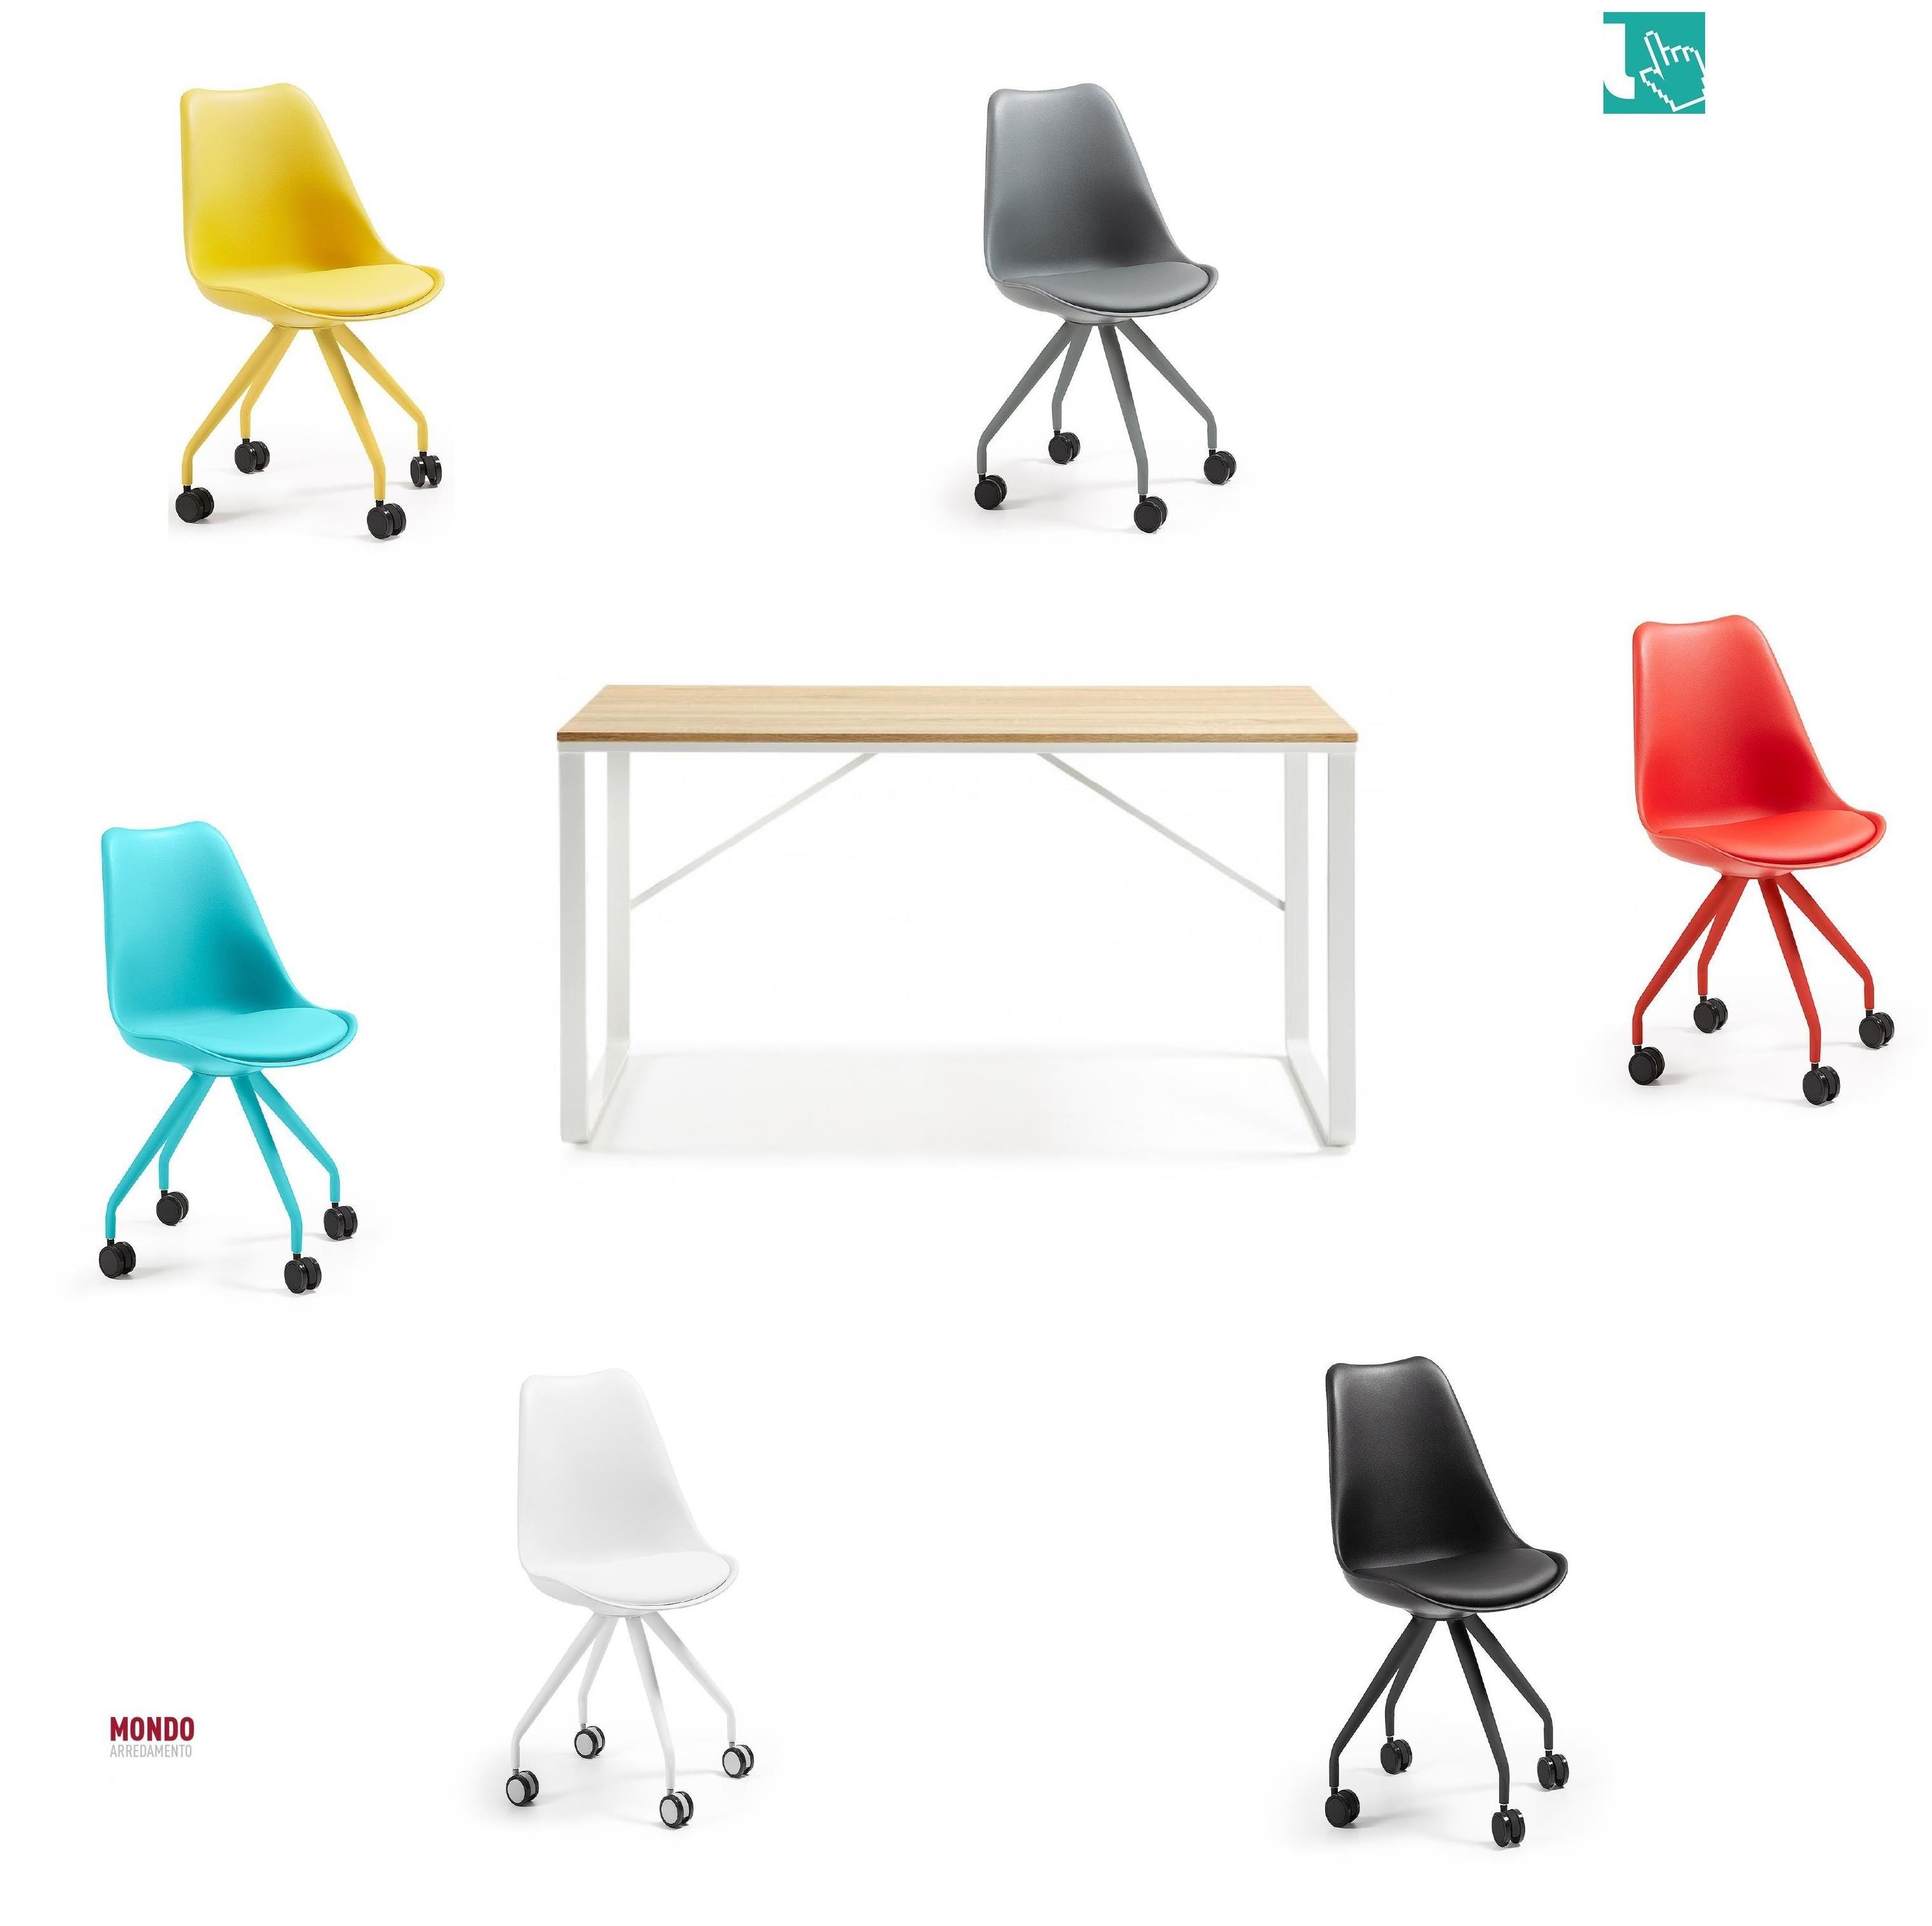 Scopri la sedia girevole pi¹ colorata e oda con la pratica scrivania per la cameretta e lo studio della tua casa Cose da prare